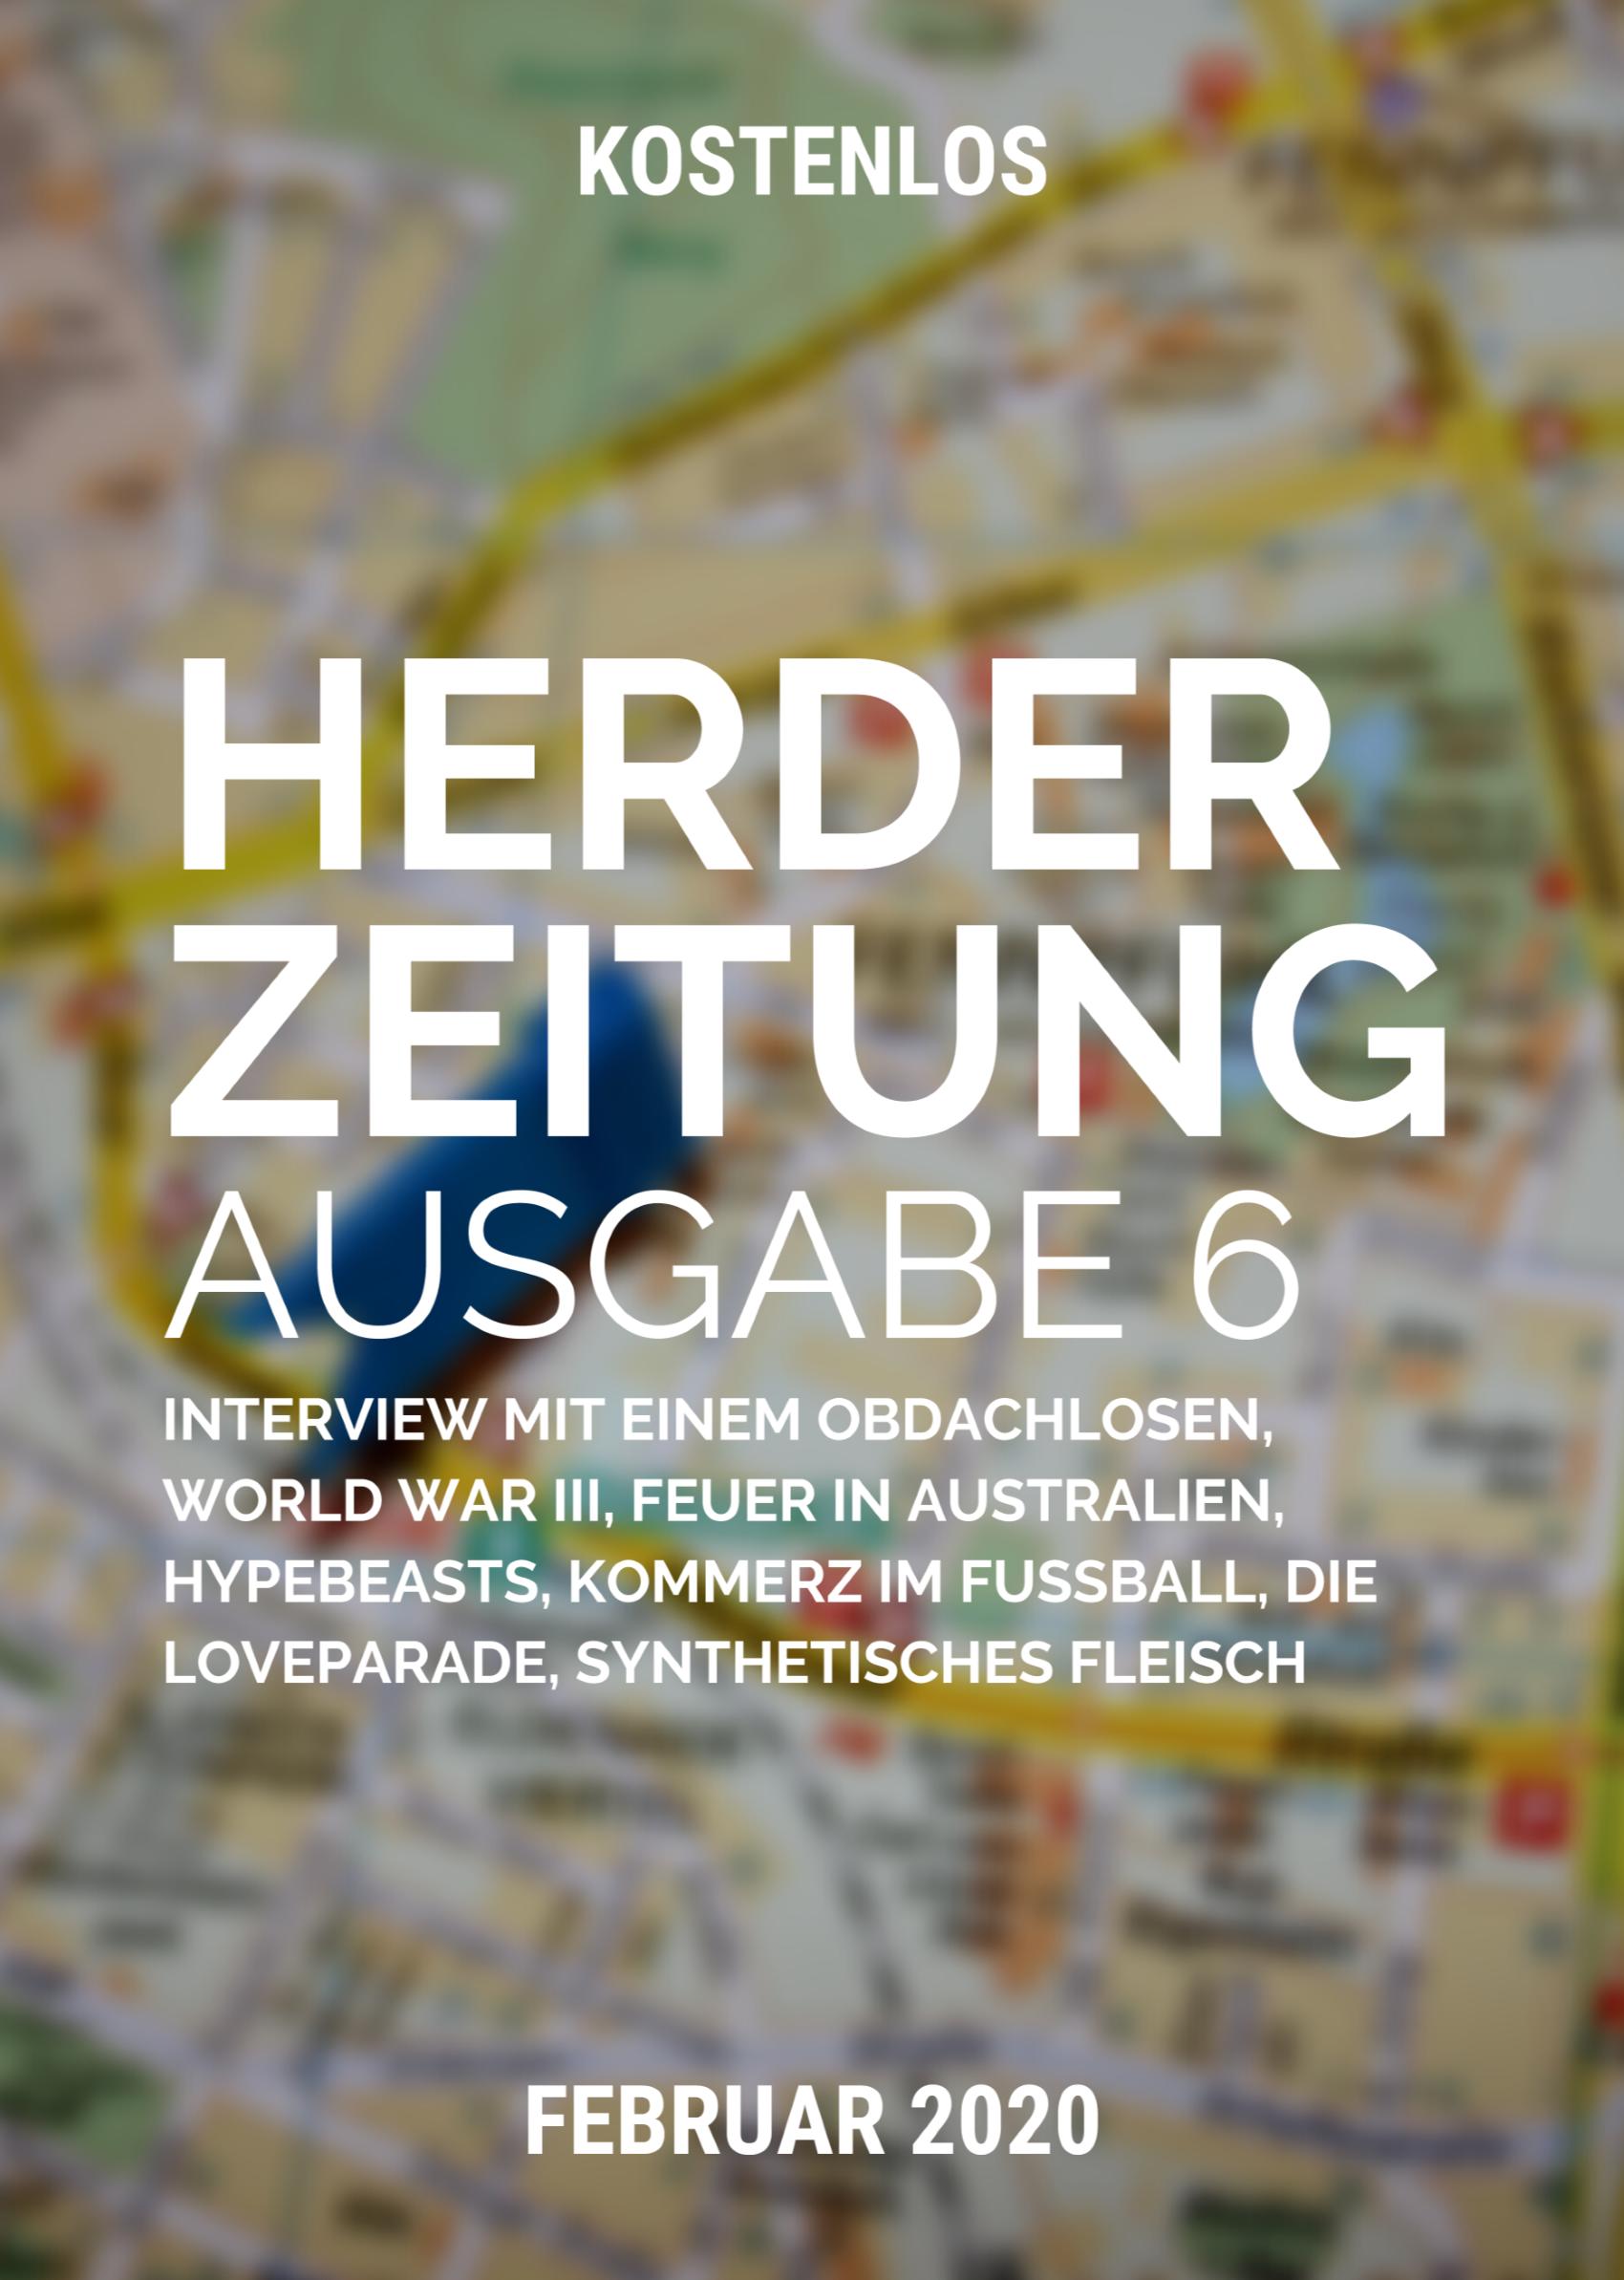 Das Cover der sechsten Ausgabe zeigt eine Landkarte.